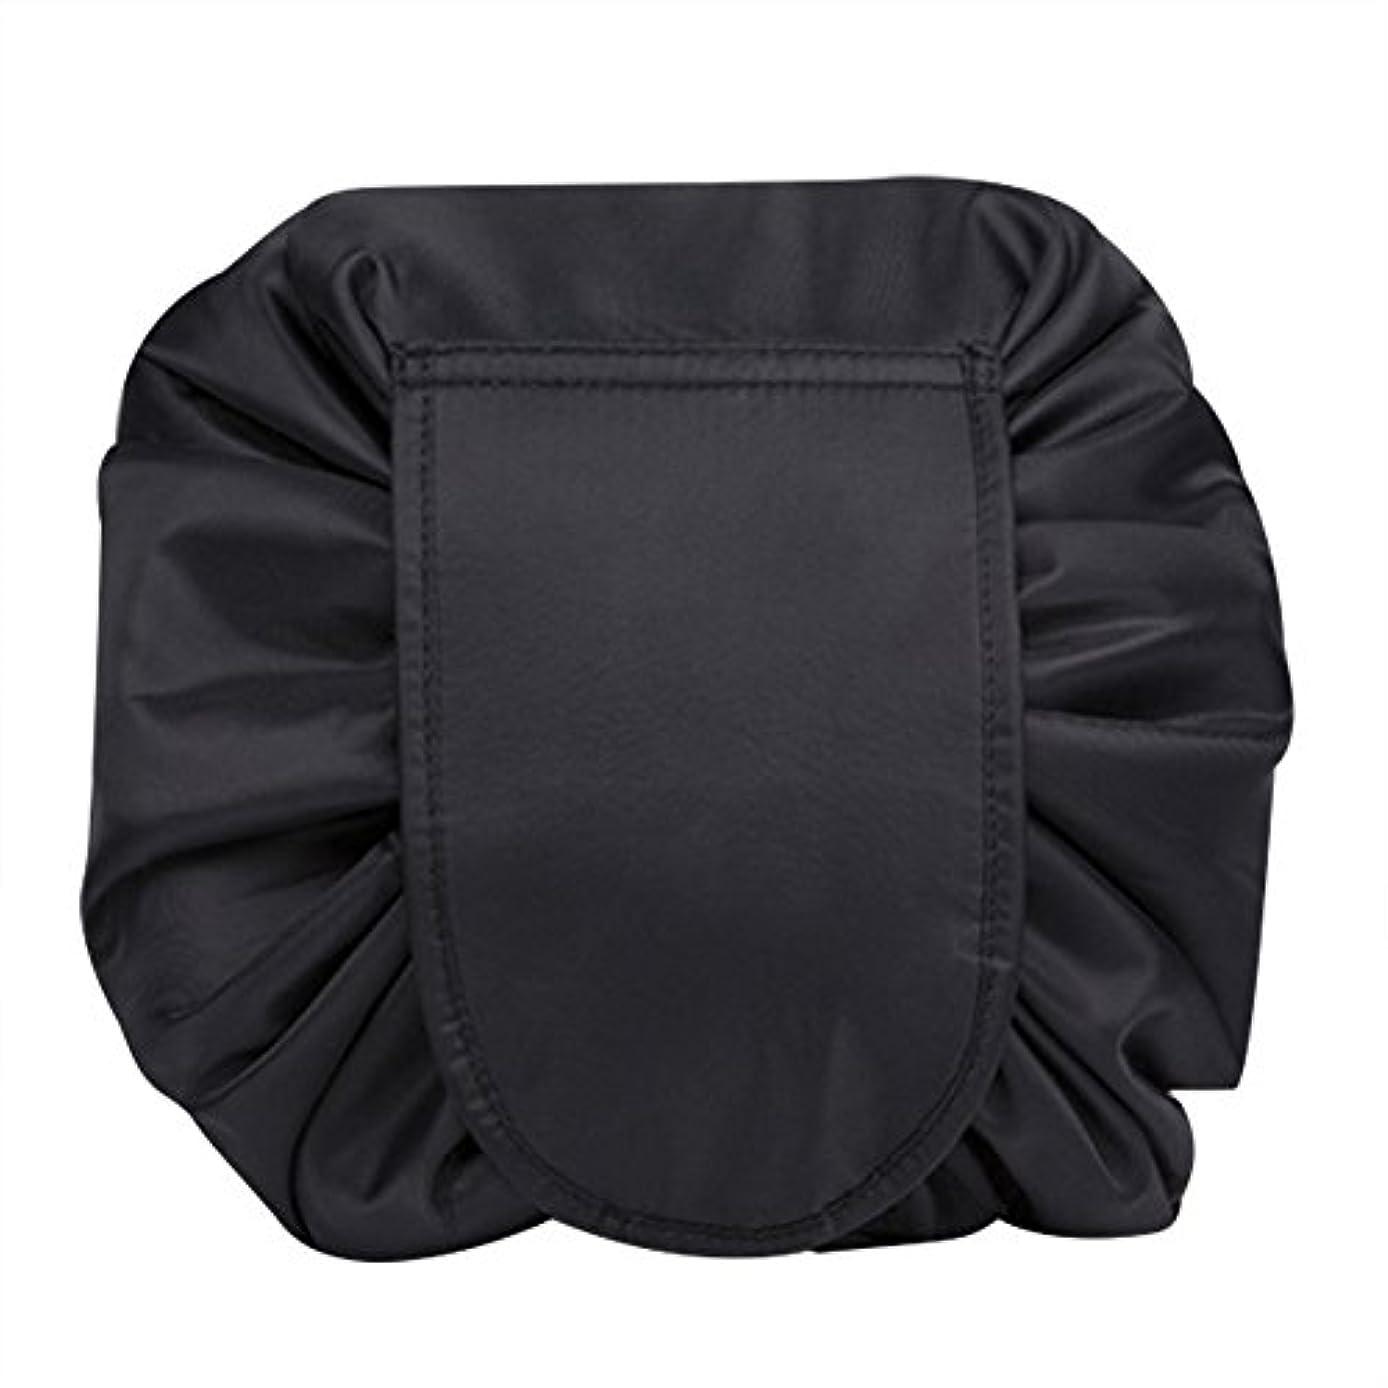 心理学苦情文句マジックポーチ 化粧バッグ 化粧ポーチ レイジー化粧バッグ トラベルバッグ メイクバッグ 容量大きい ブラック